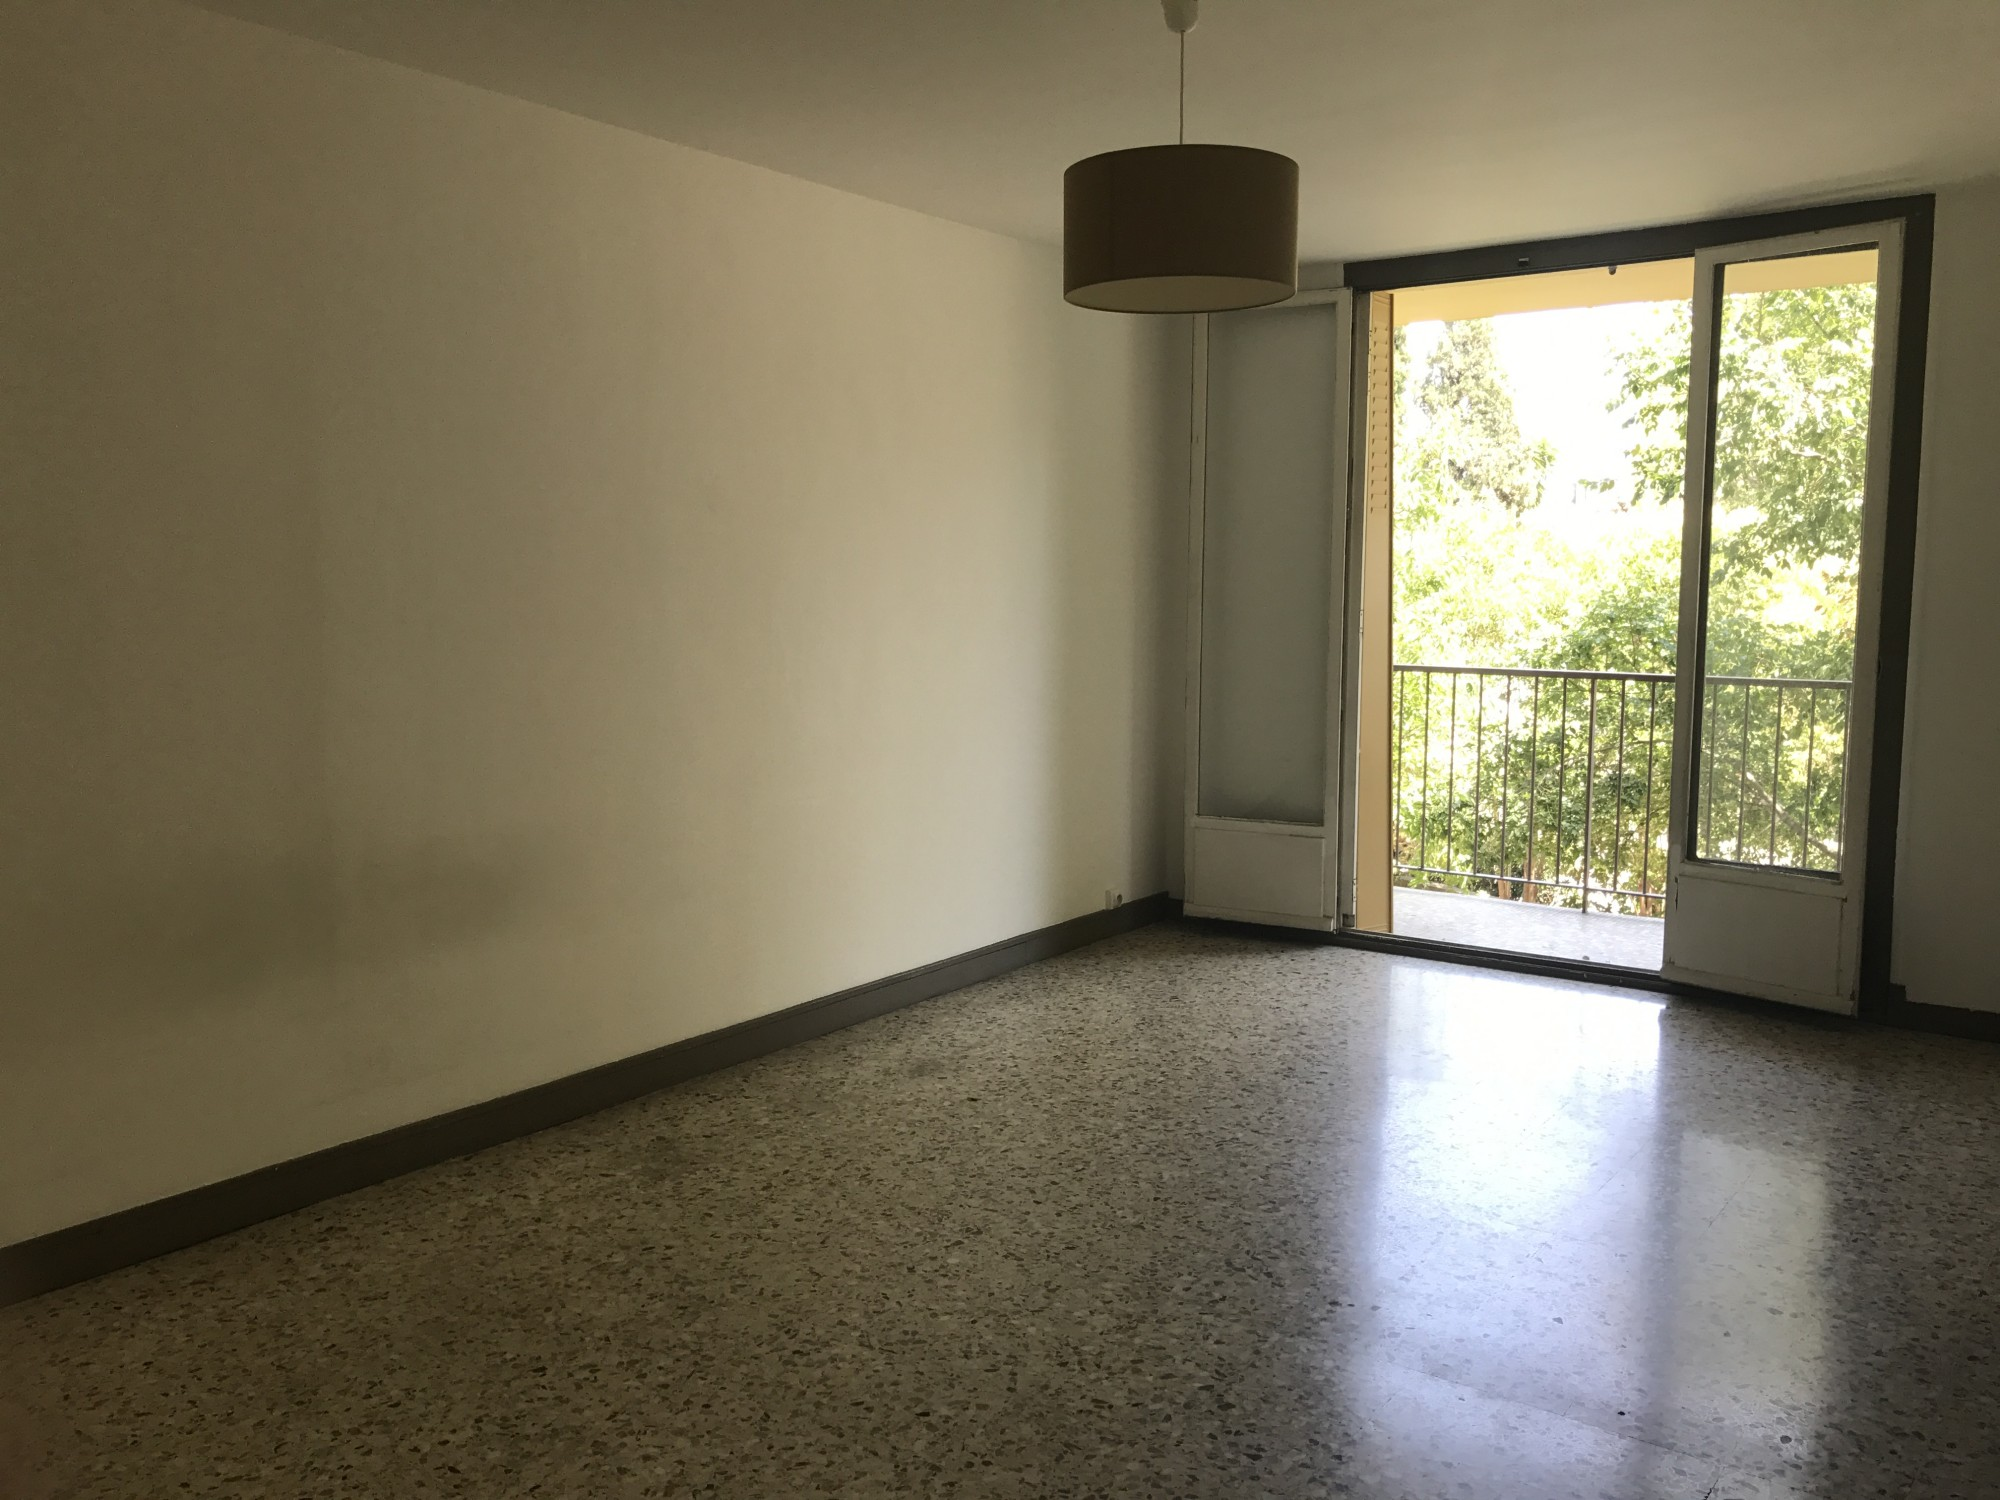 Vente Appartement T3 - 13010 - Saint Tronc - balcon, calme, cave ...